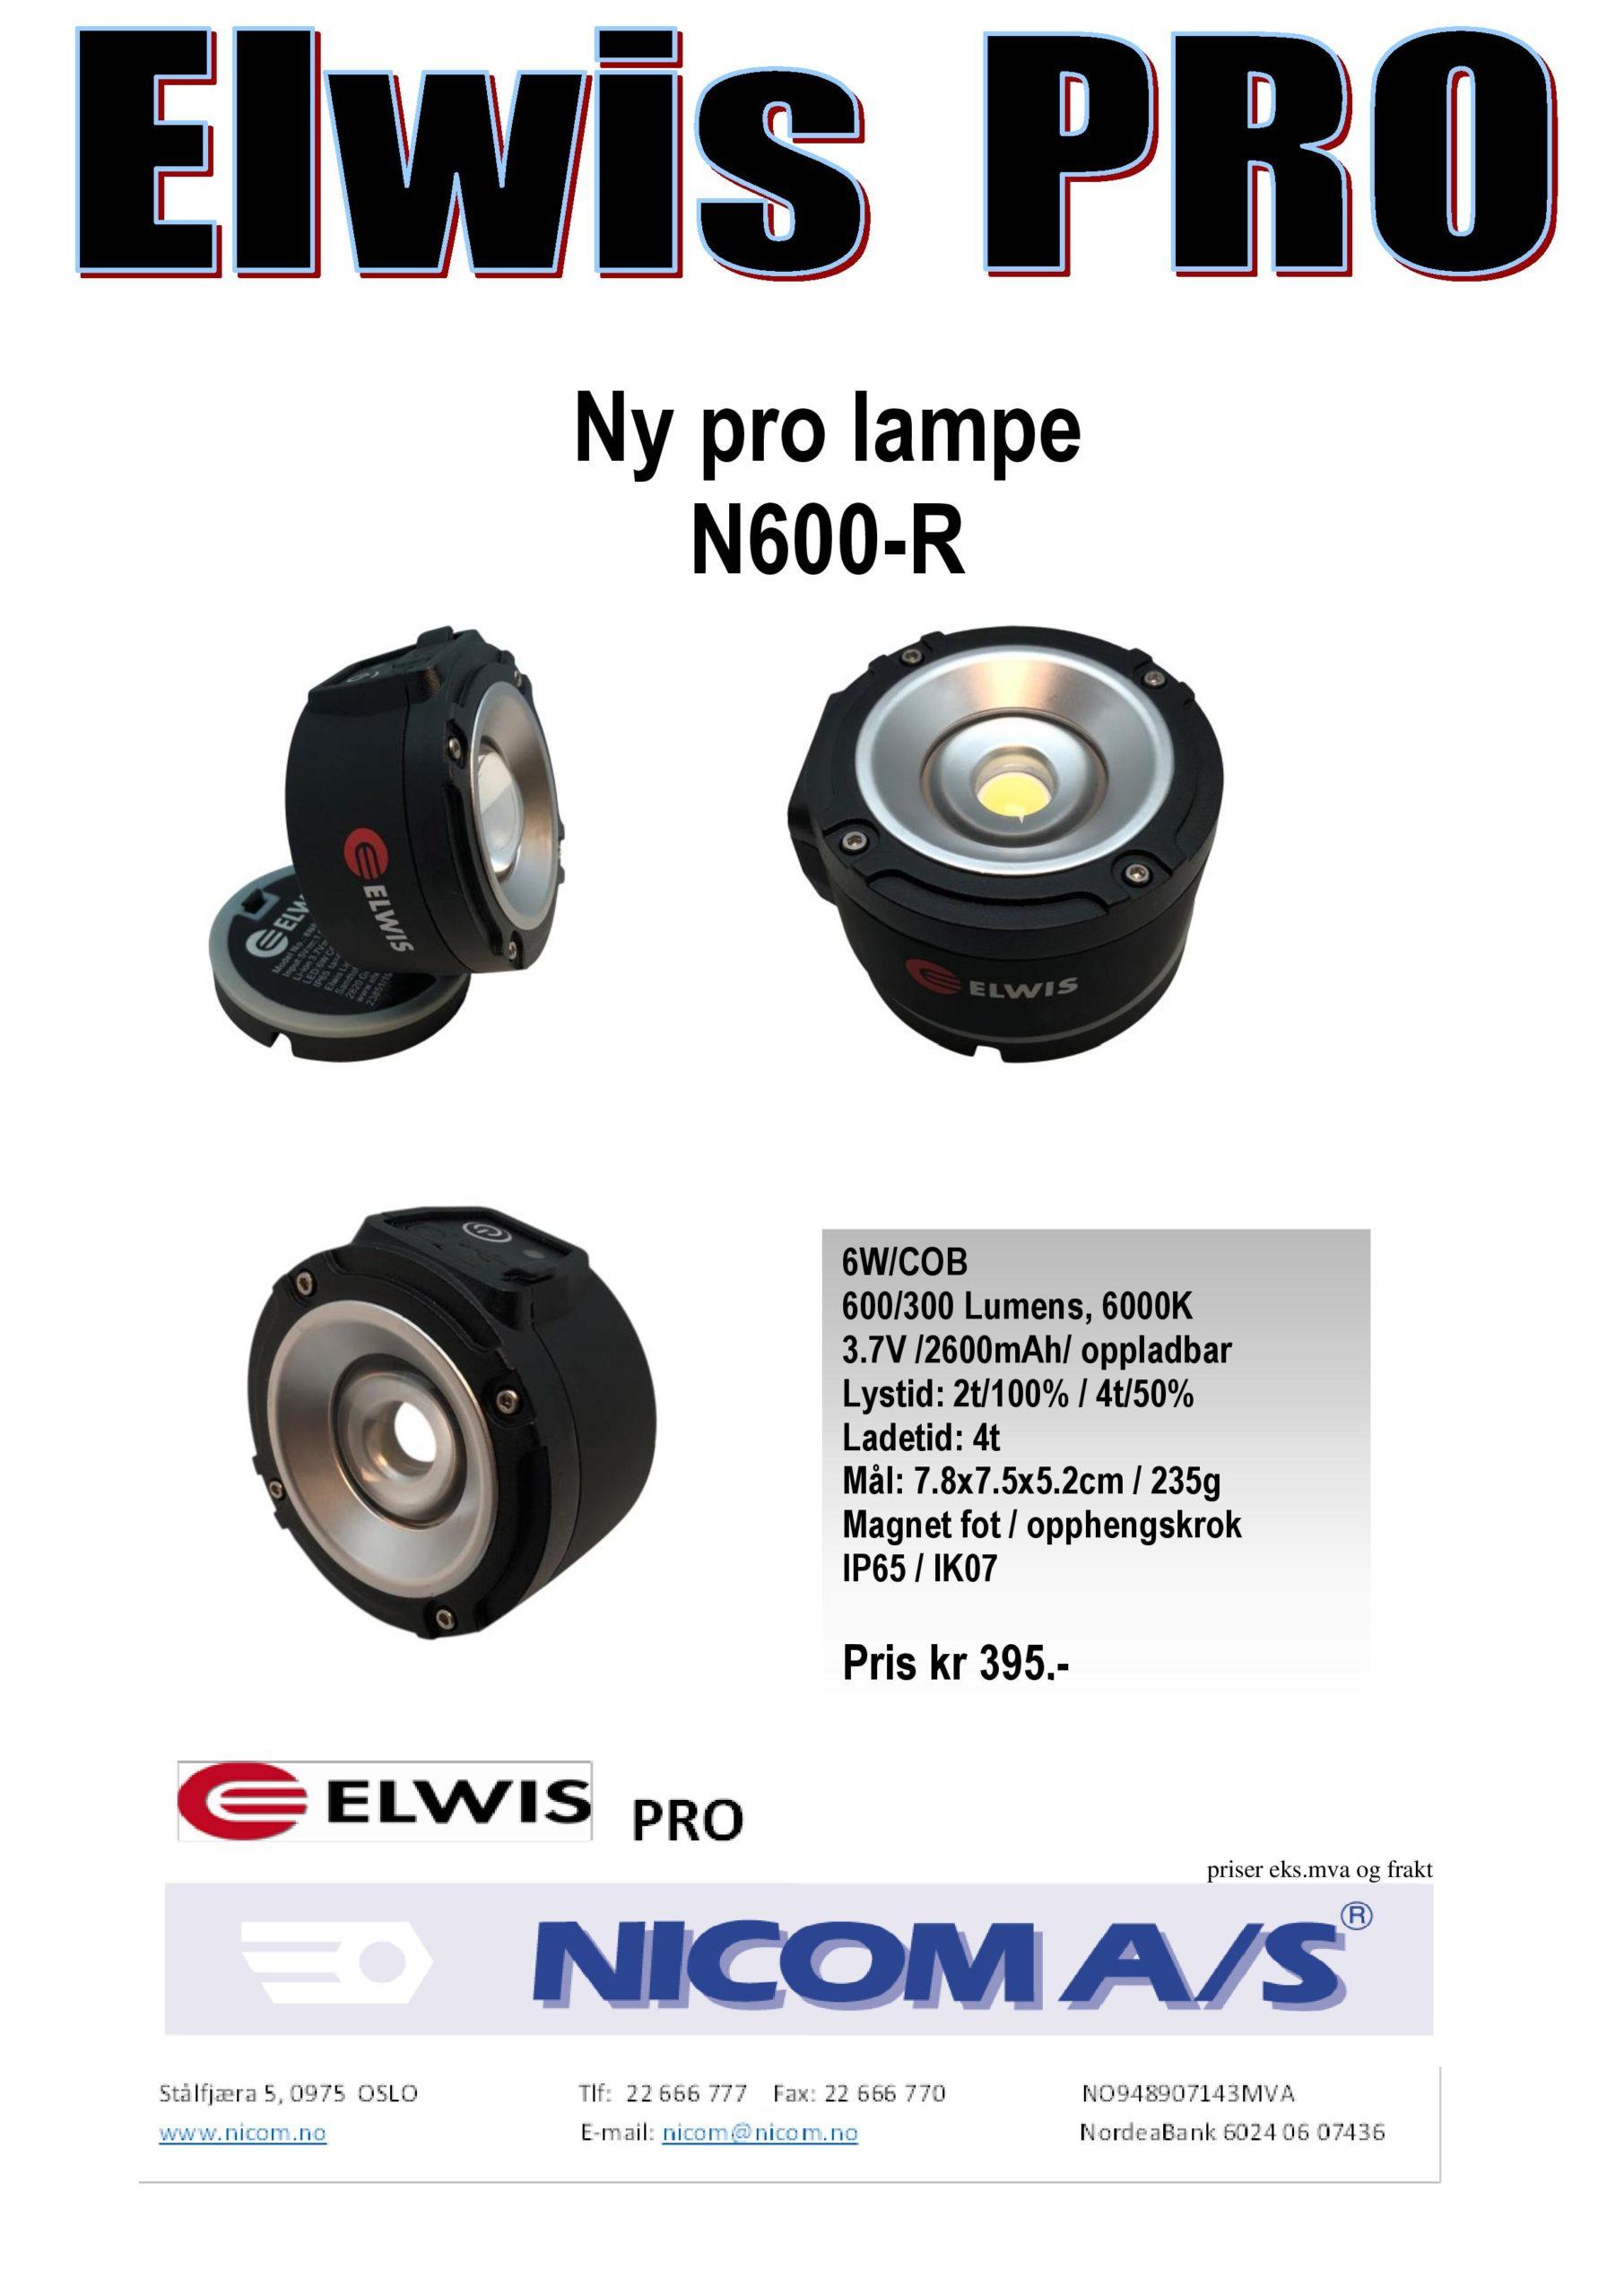 N600-R